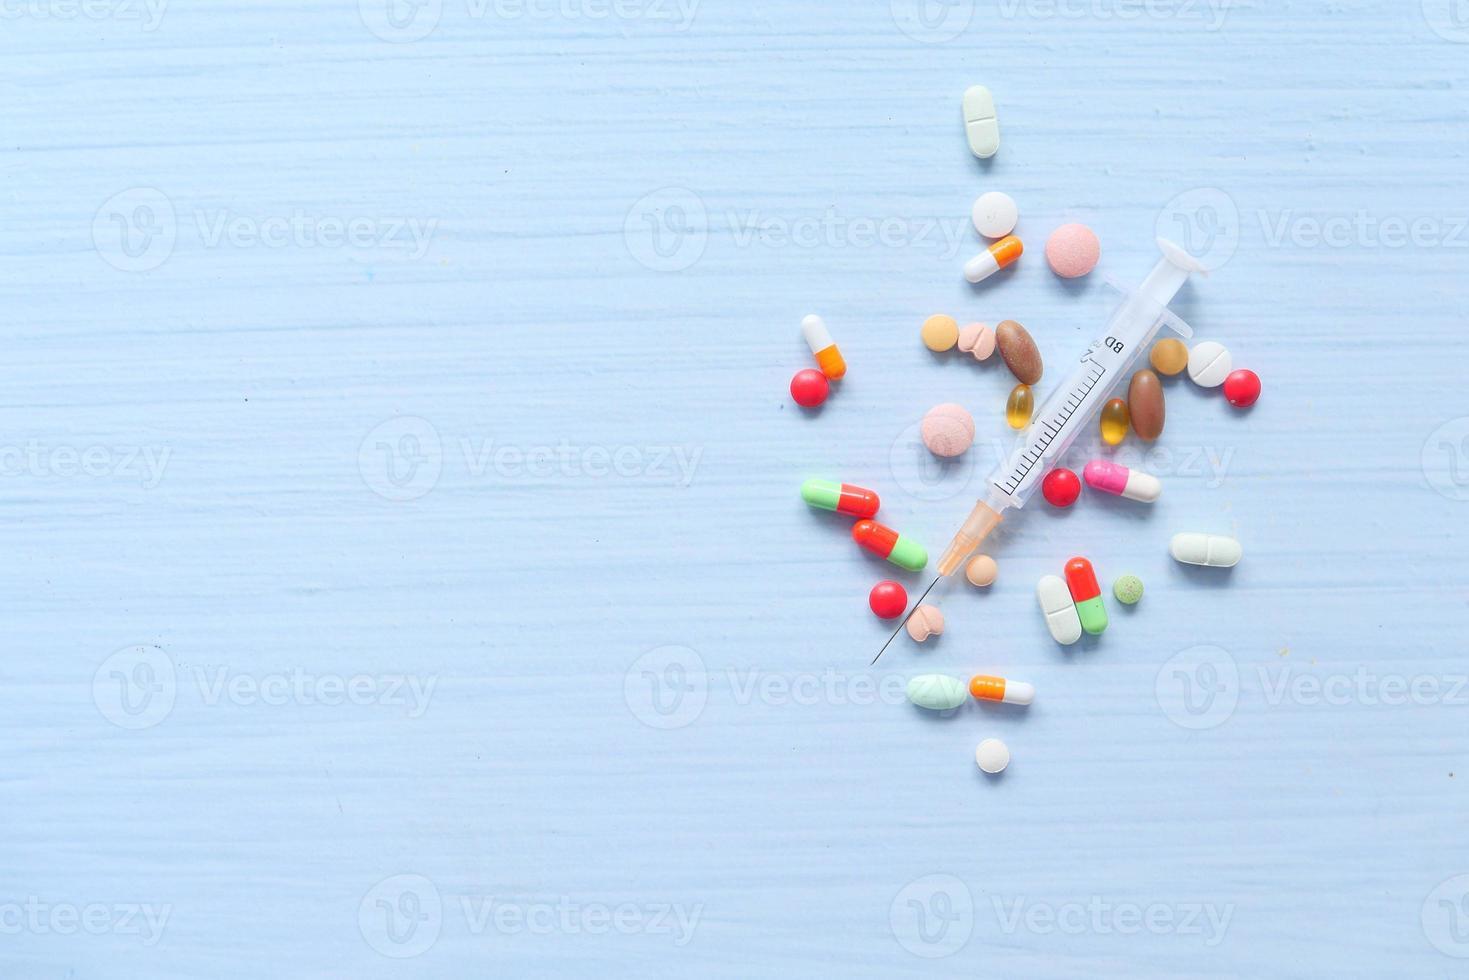 seringue et pilules sur fond blanc, vue du dessus photo